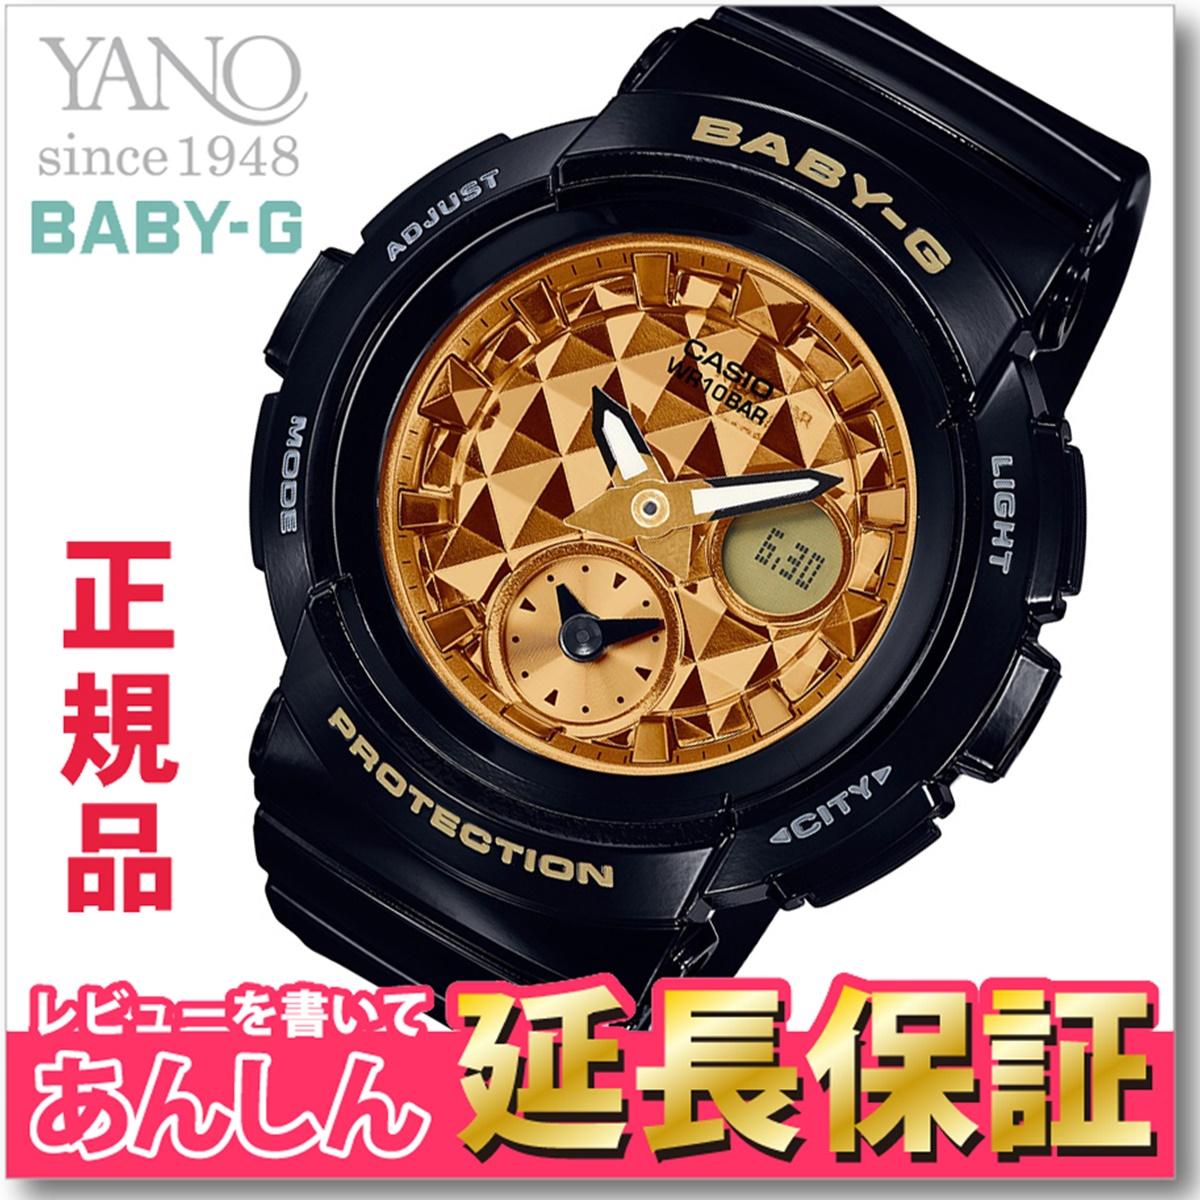 カシオ ベビーG BGA-195M-1AJF スタッズ・ダイアル・シリーズ レディース  腕時計  デジアナ  CASIO BABY-G 【正規品】【0217】【店頭受取対応商品】